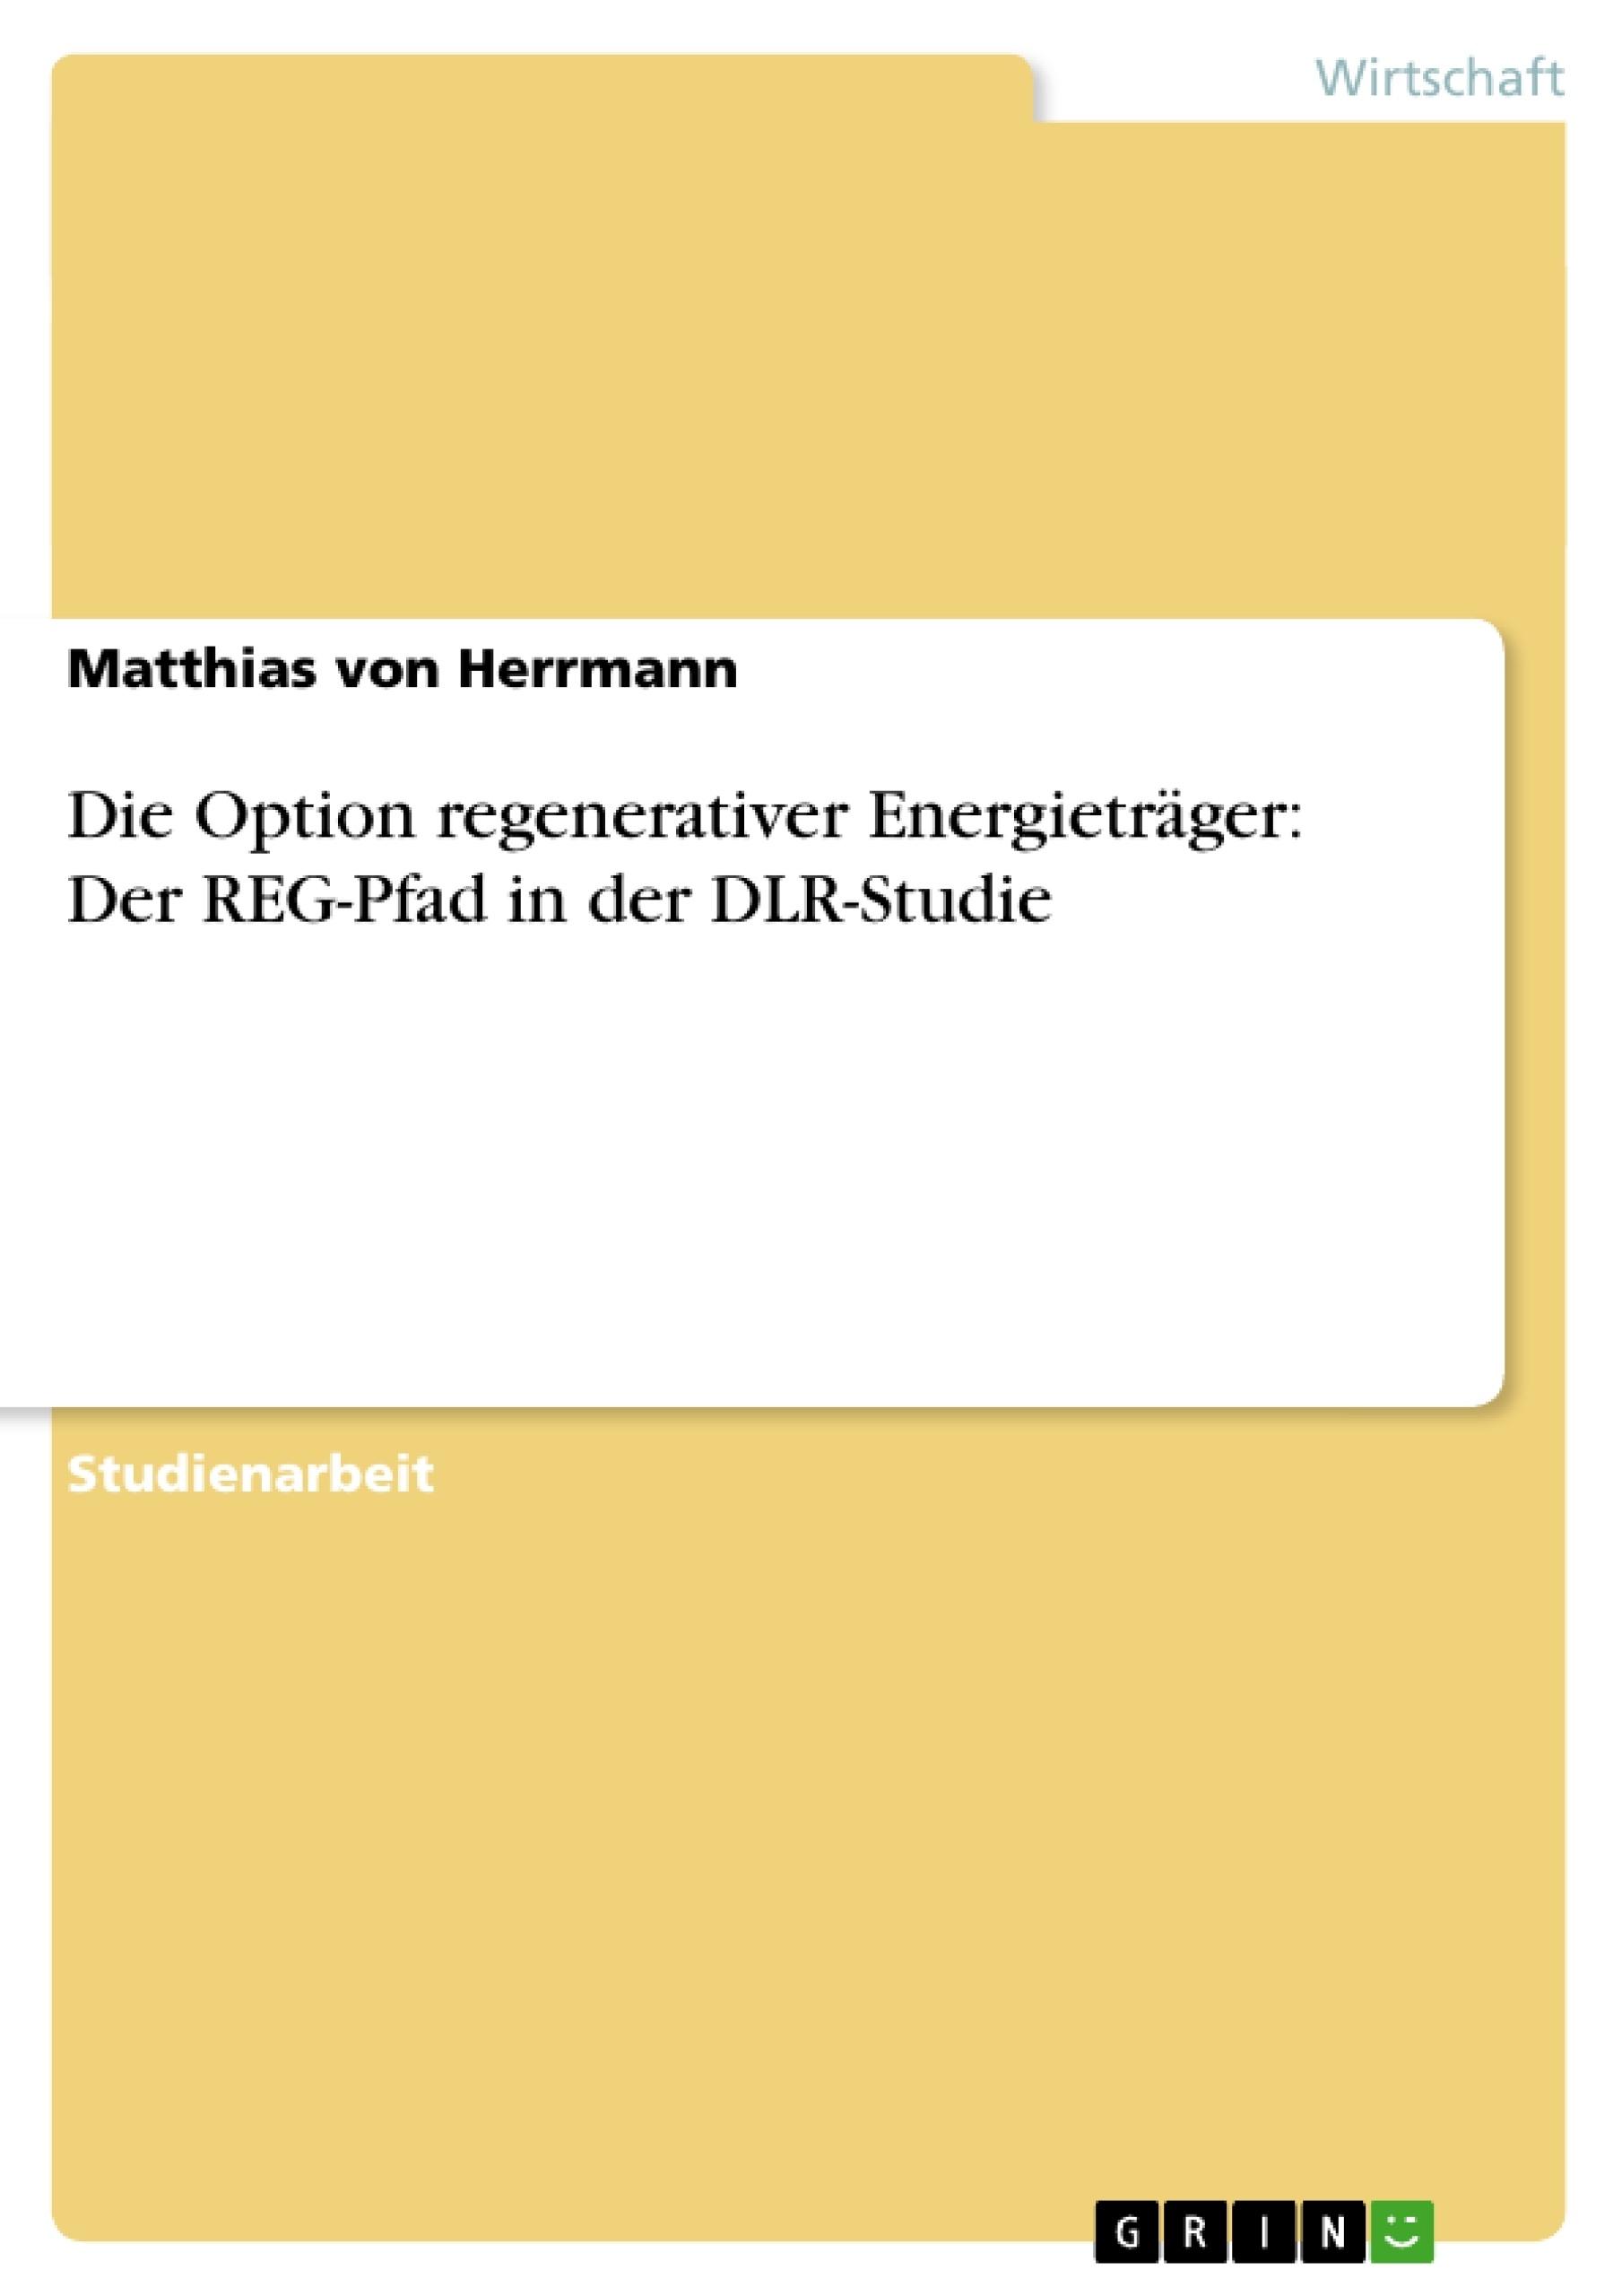 Titel: Die Option regenerativer Energieträger: Der REG-Pfad in der DLR-Studie